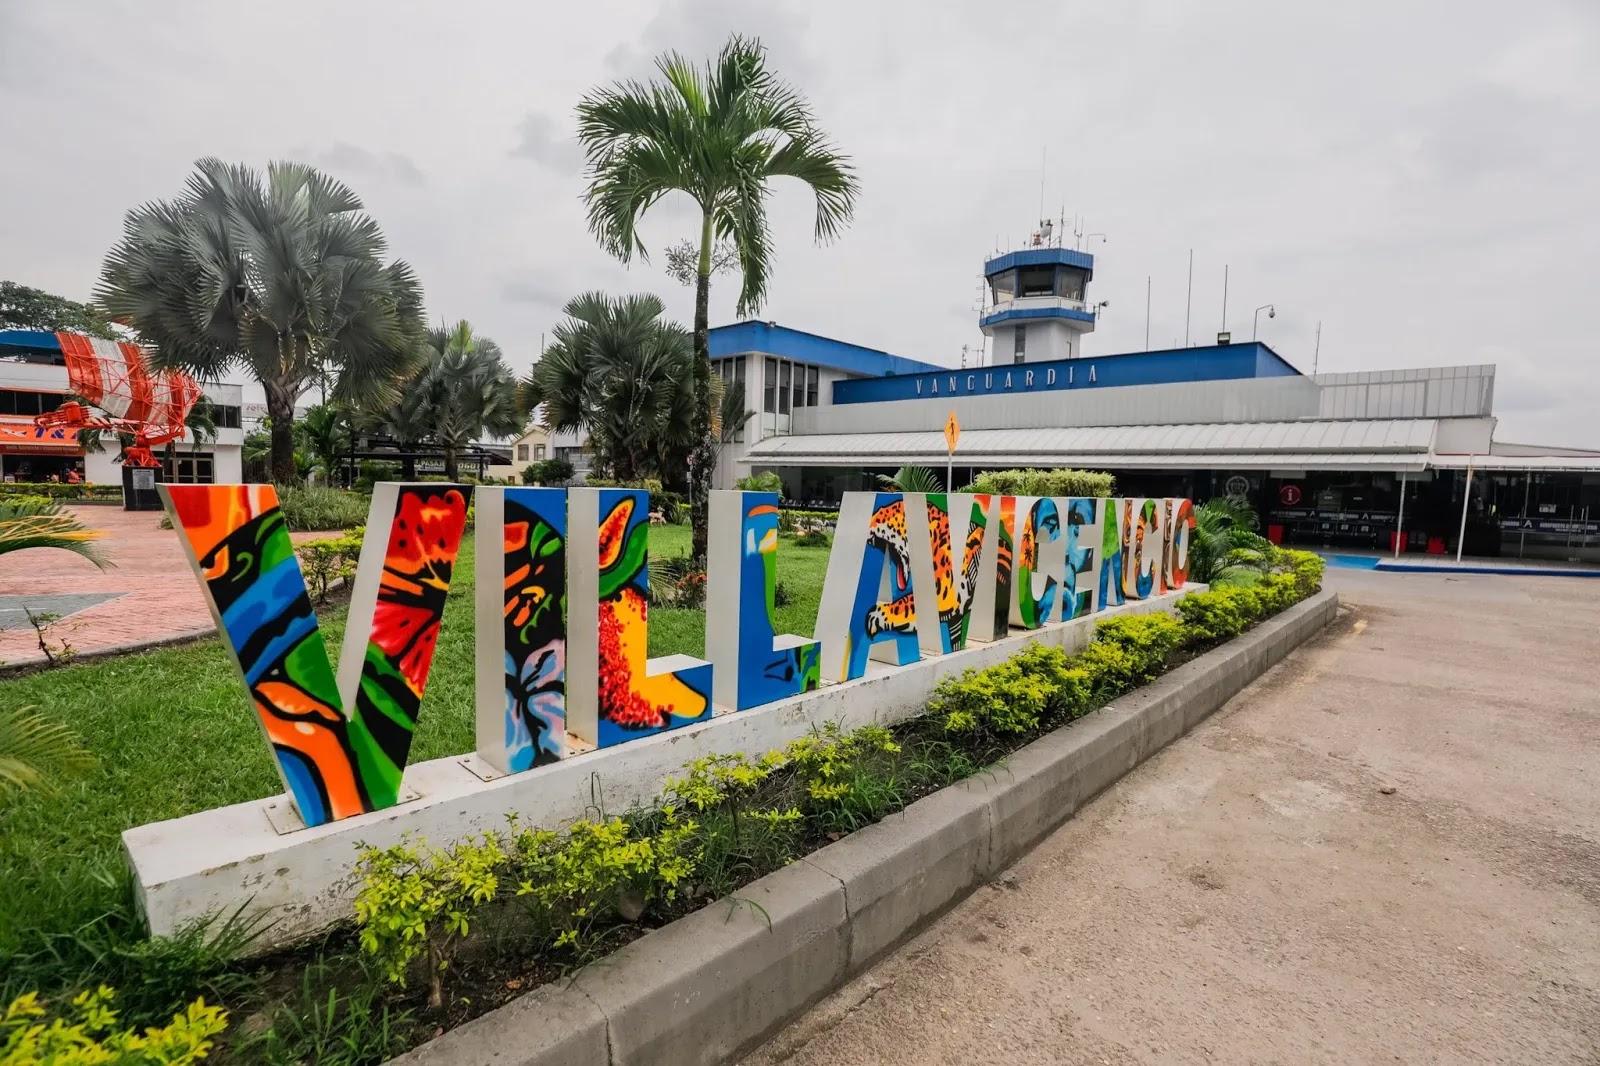 A la fecha, son 15 aeropuertos, incluido el de Villavicencio, los que cuentan con la autorización para reiniciar vuelos nacionales